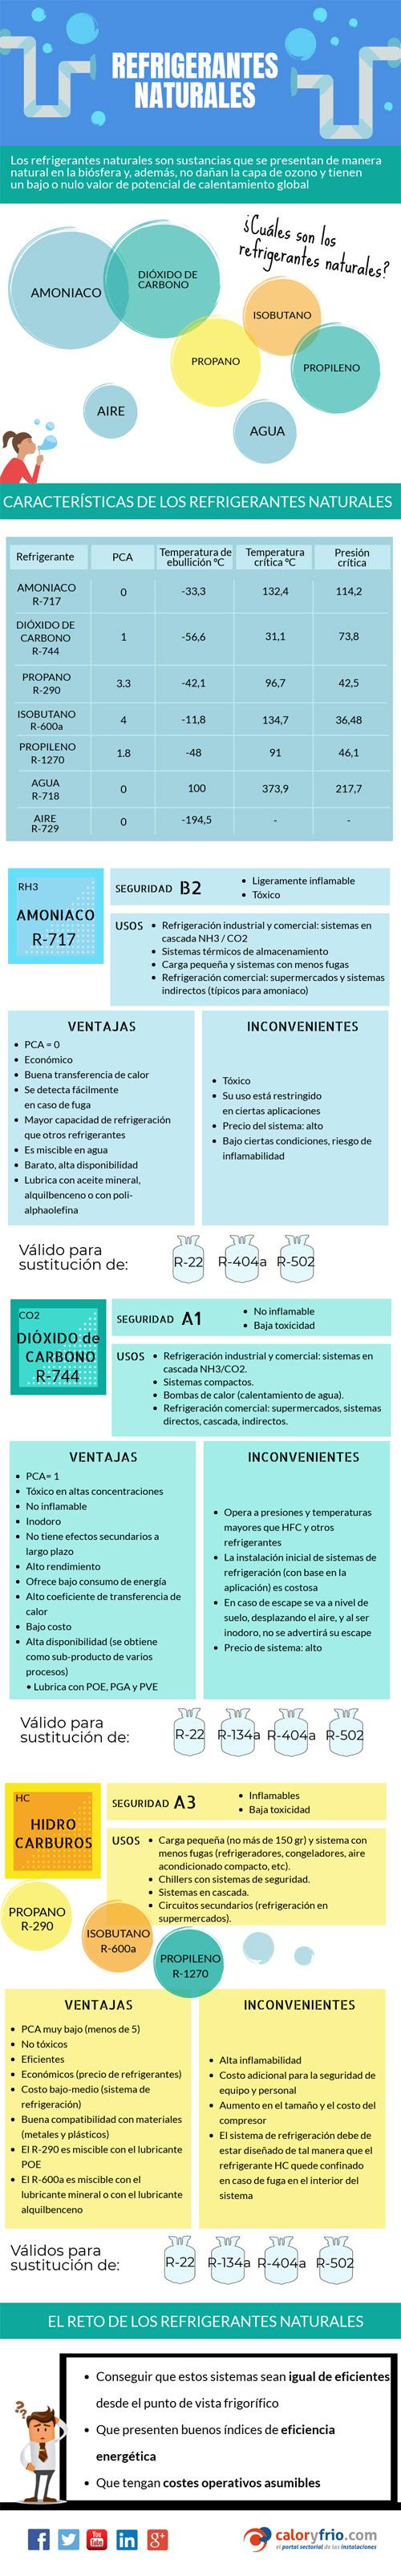 Infografía Gases refrigerantes